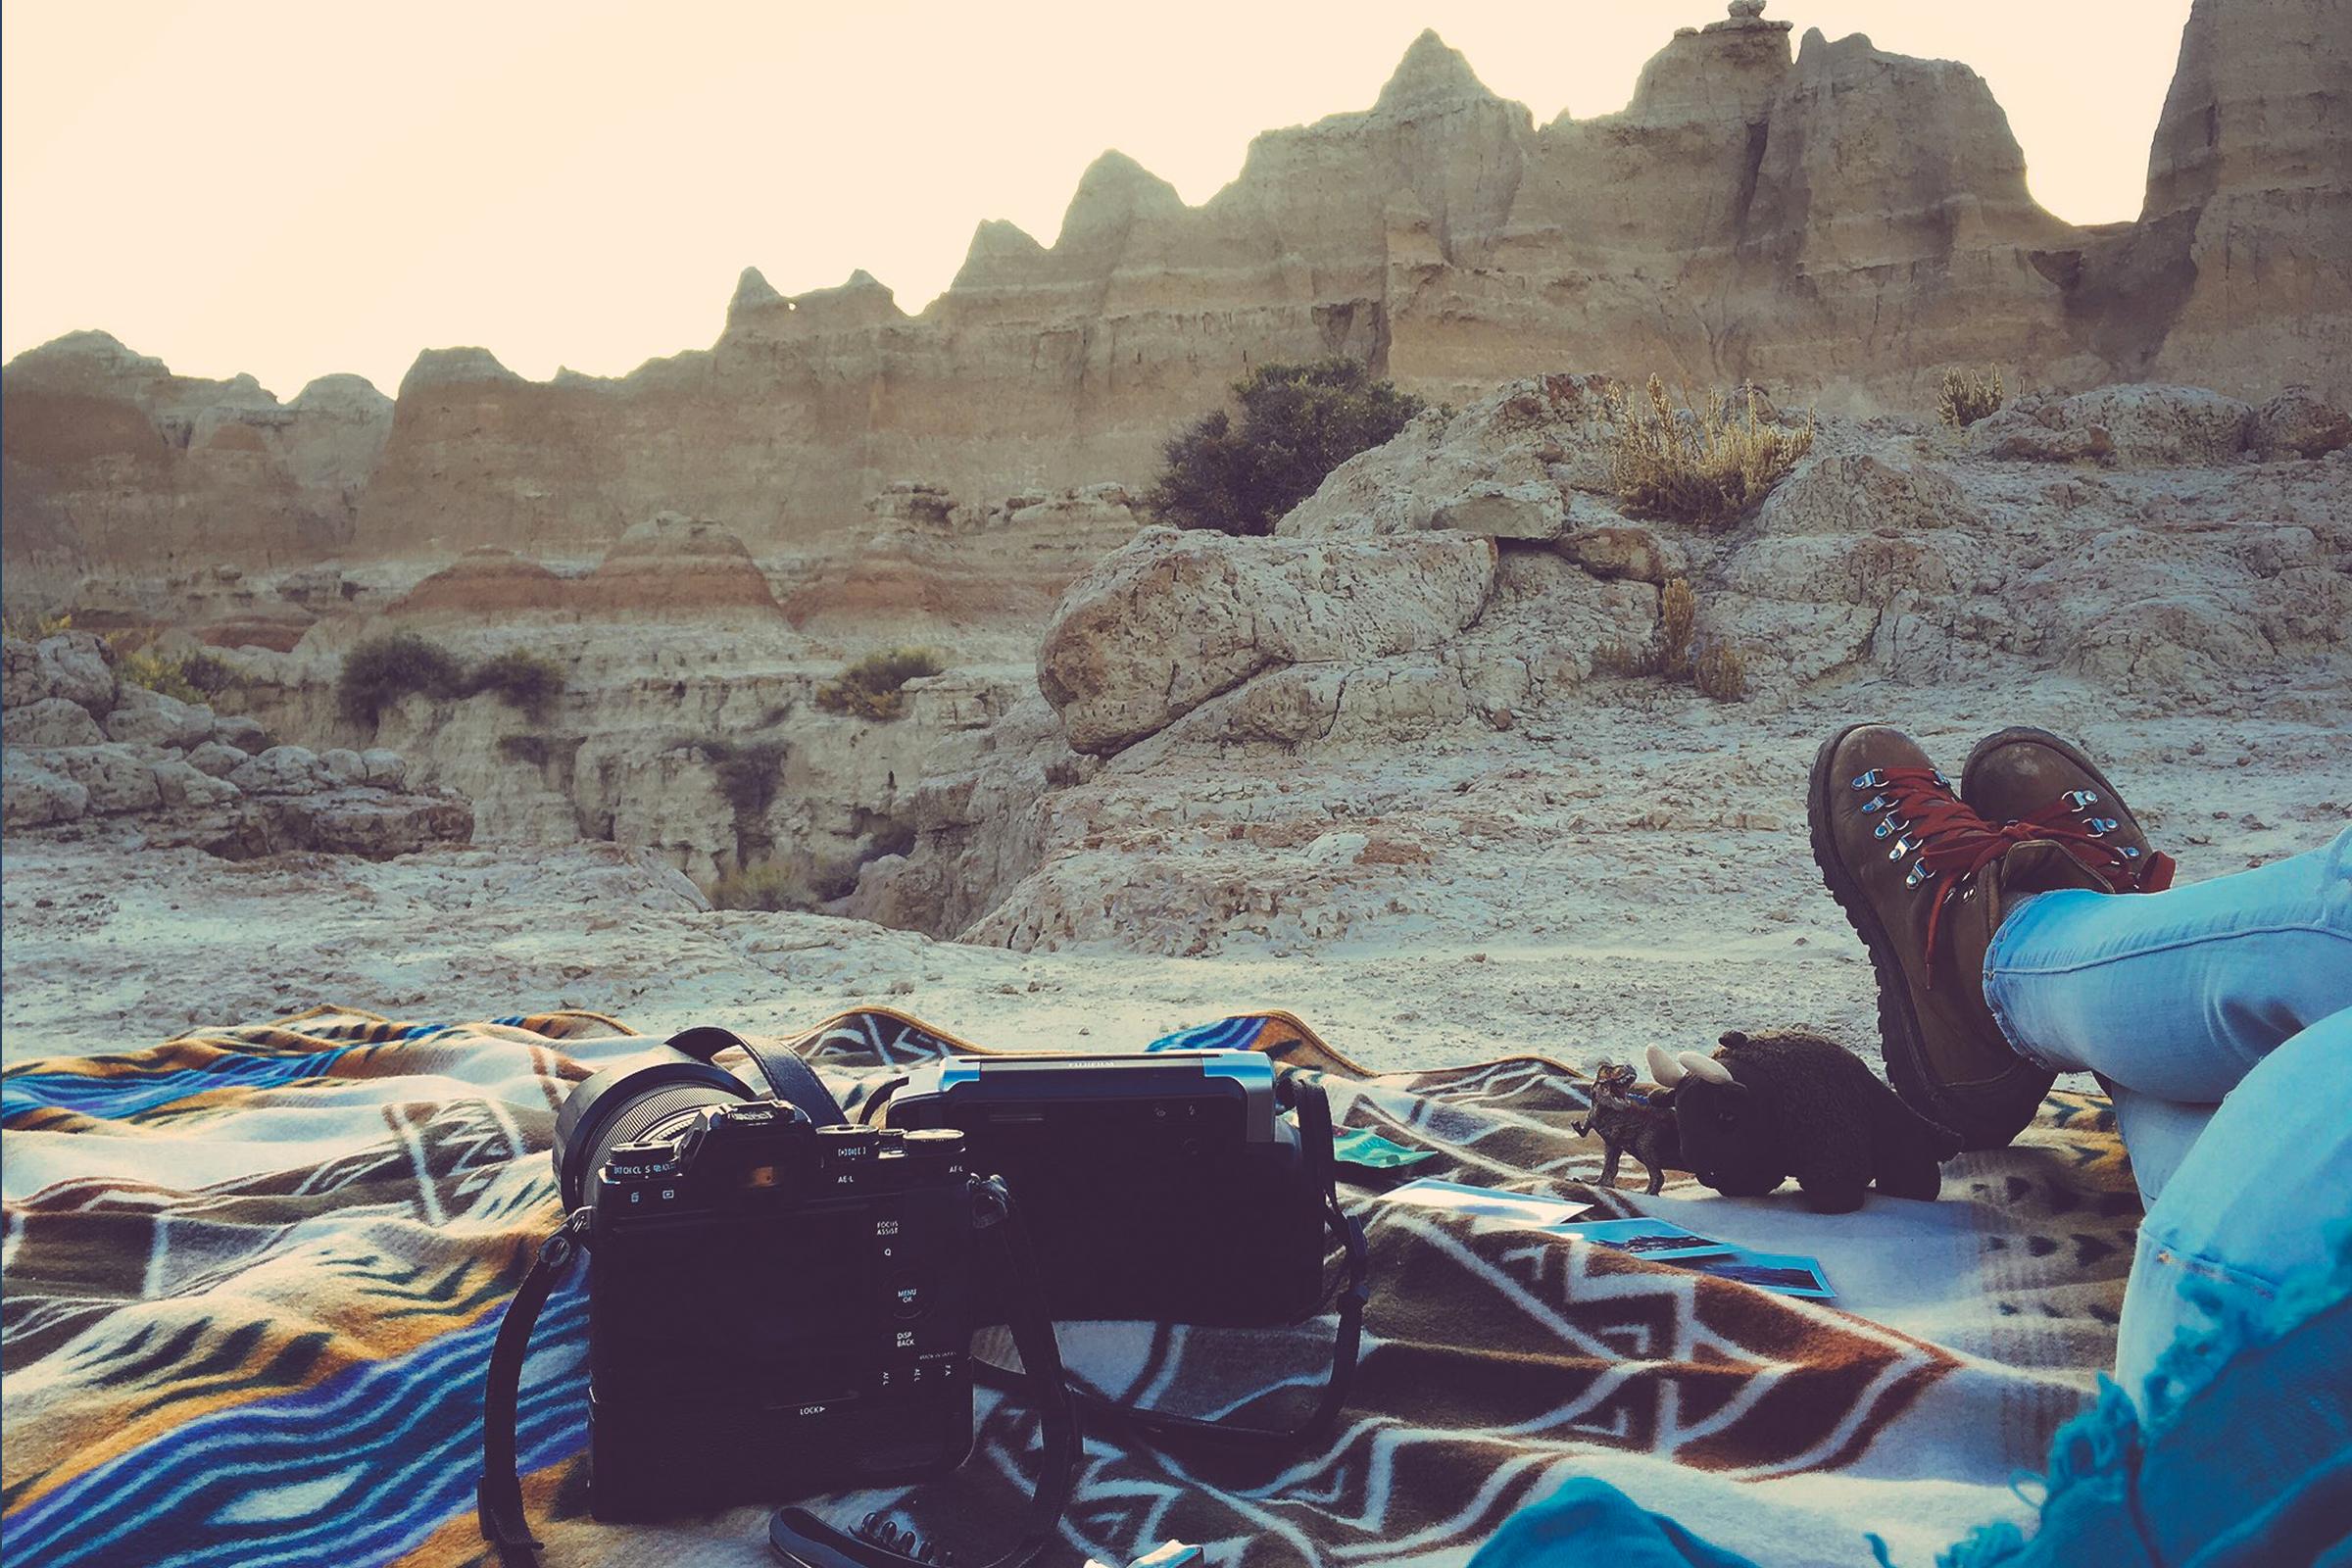 Kickin' back in Badlands National Park in South Dakota.